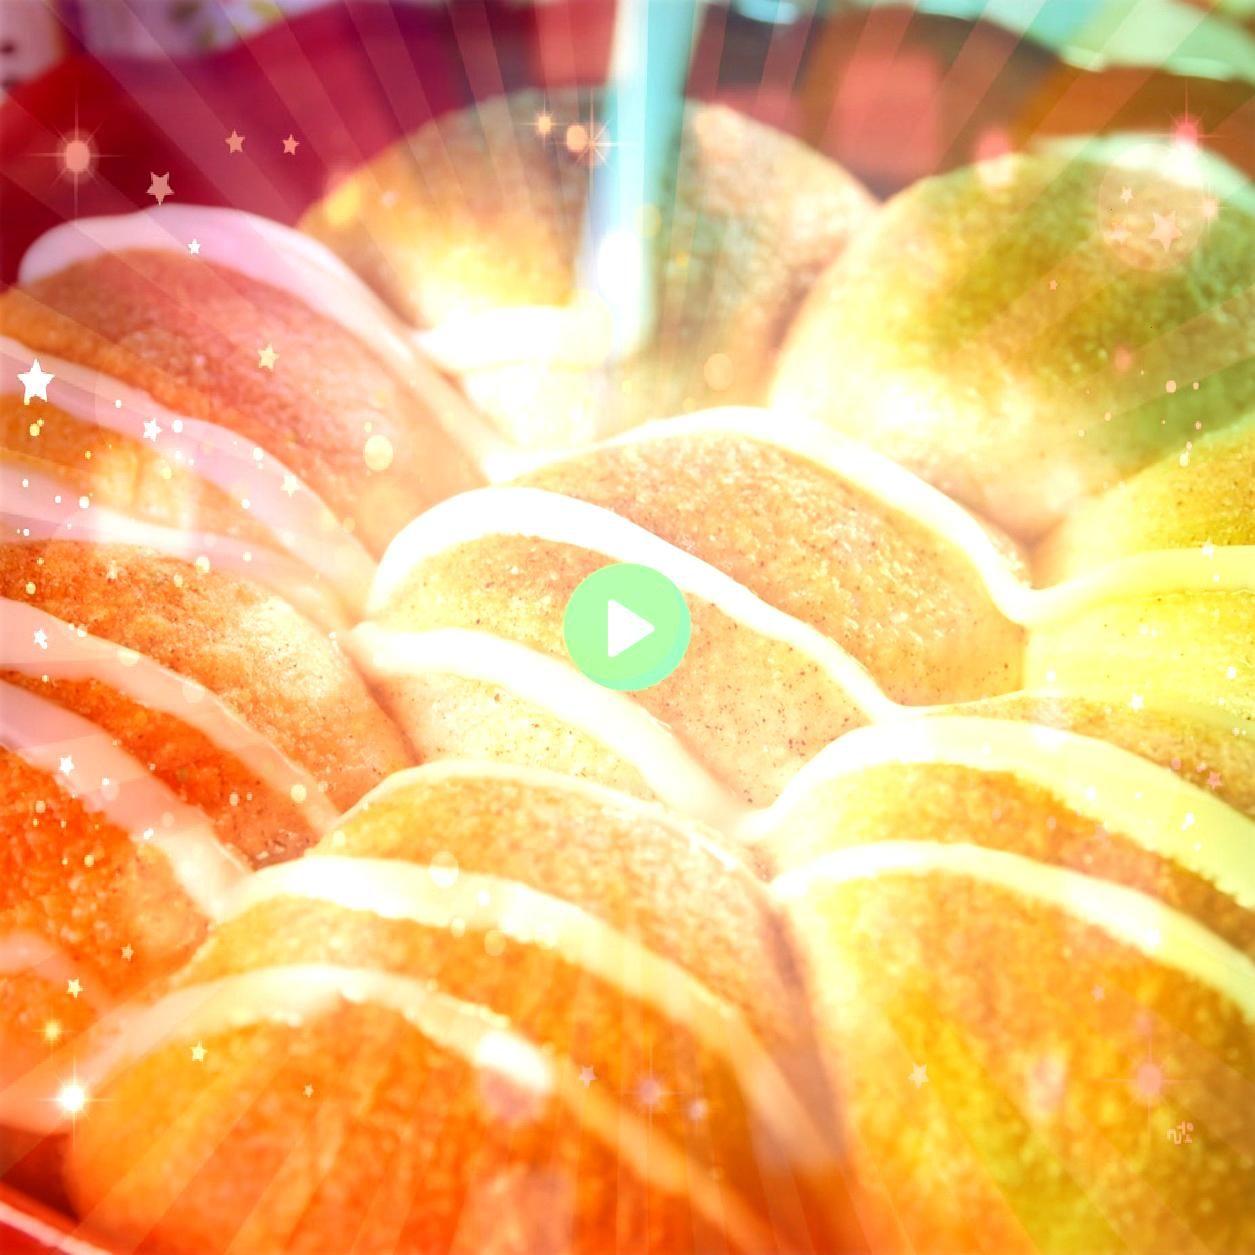 The best way to get your caramel apple fix Get the recipe at best way to get your caramel apple fix. Get the recipe at The best way to get your caramel apple fix. Get the recipe at   Sarah Herman (@starving_to_strong) • Instagram photos and videos  31 RECEITAS TÍPICAS DE FESTA JUNINA. Dia 13 de junho é dia de Santo Antônio, no dia 24 de junho é o dia de São João e no dia 29 é o dia de São Pedro! Venha conhecer as receitas típicas de Fes...